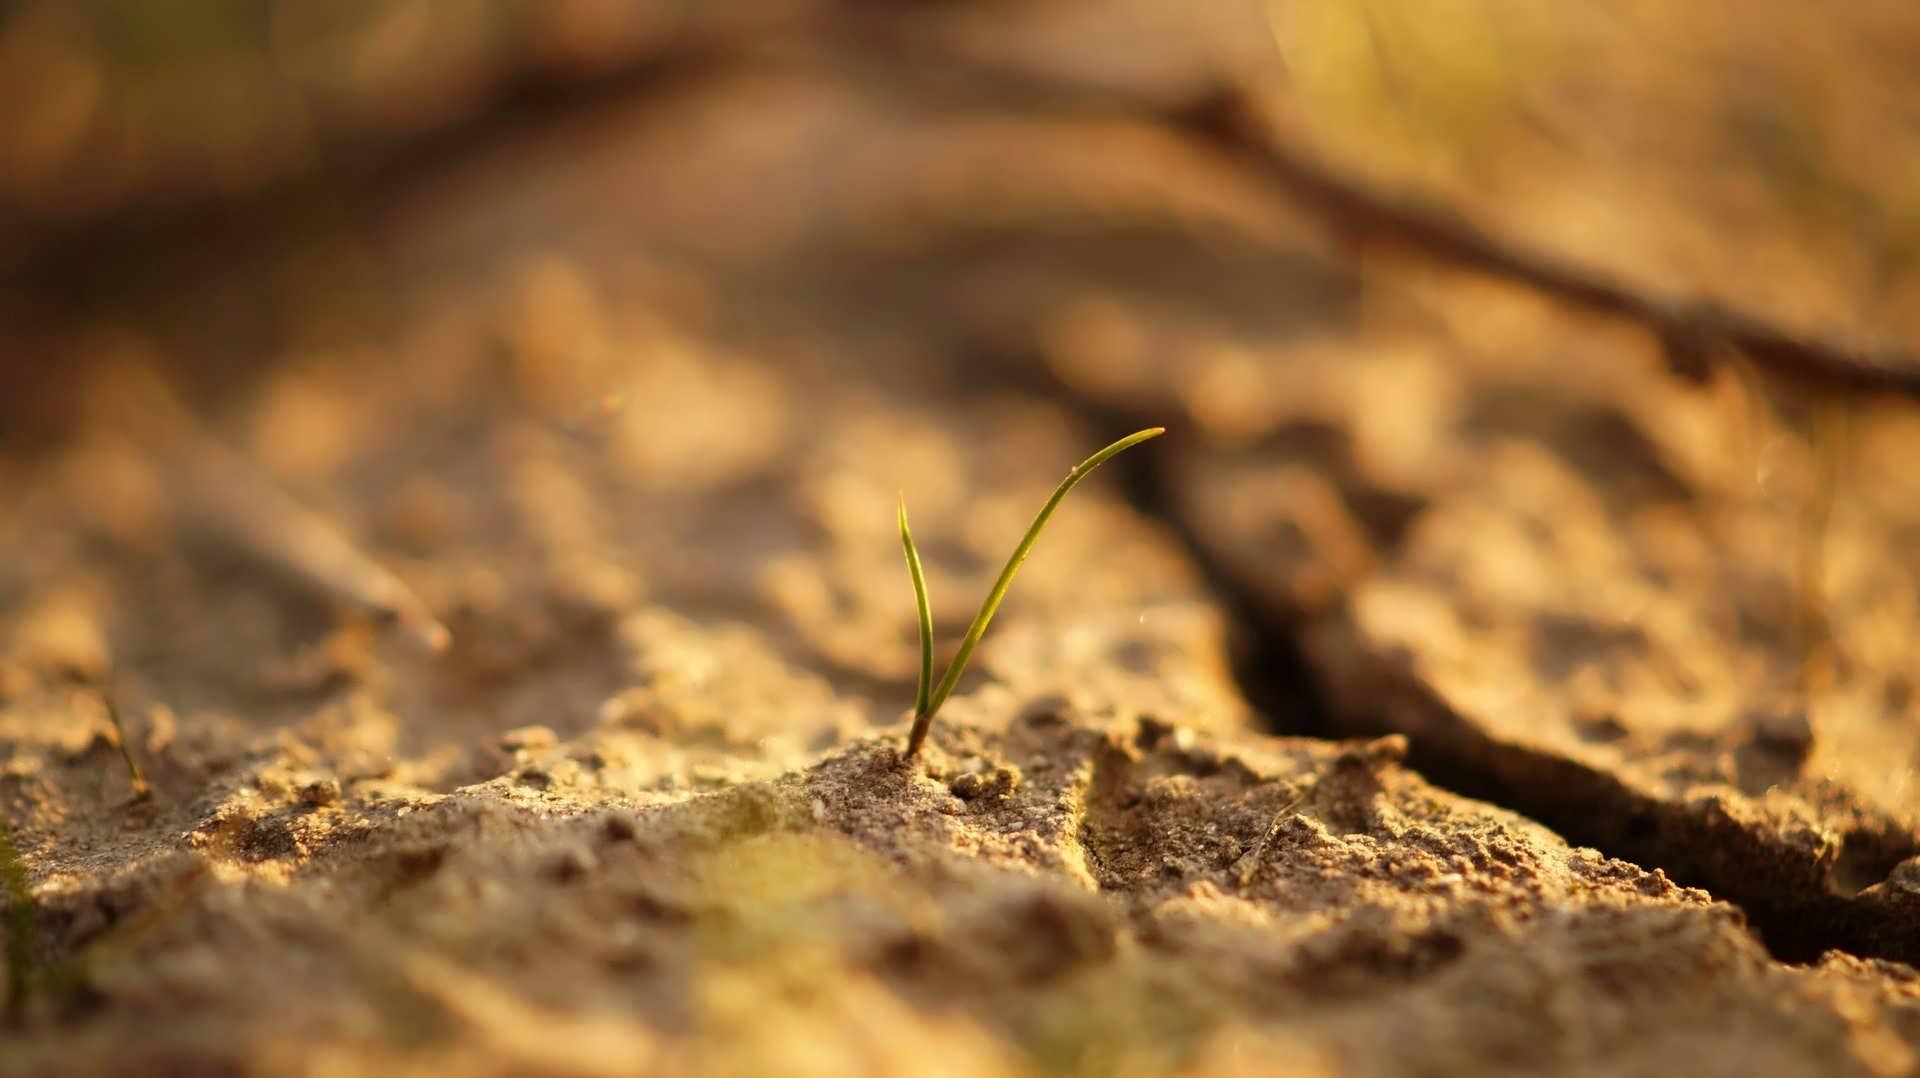 آشنایی با آفات خاک گلدان